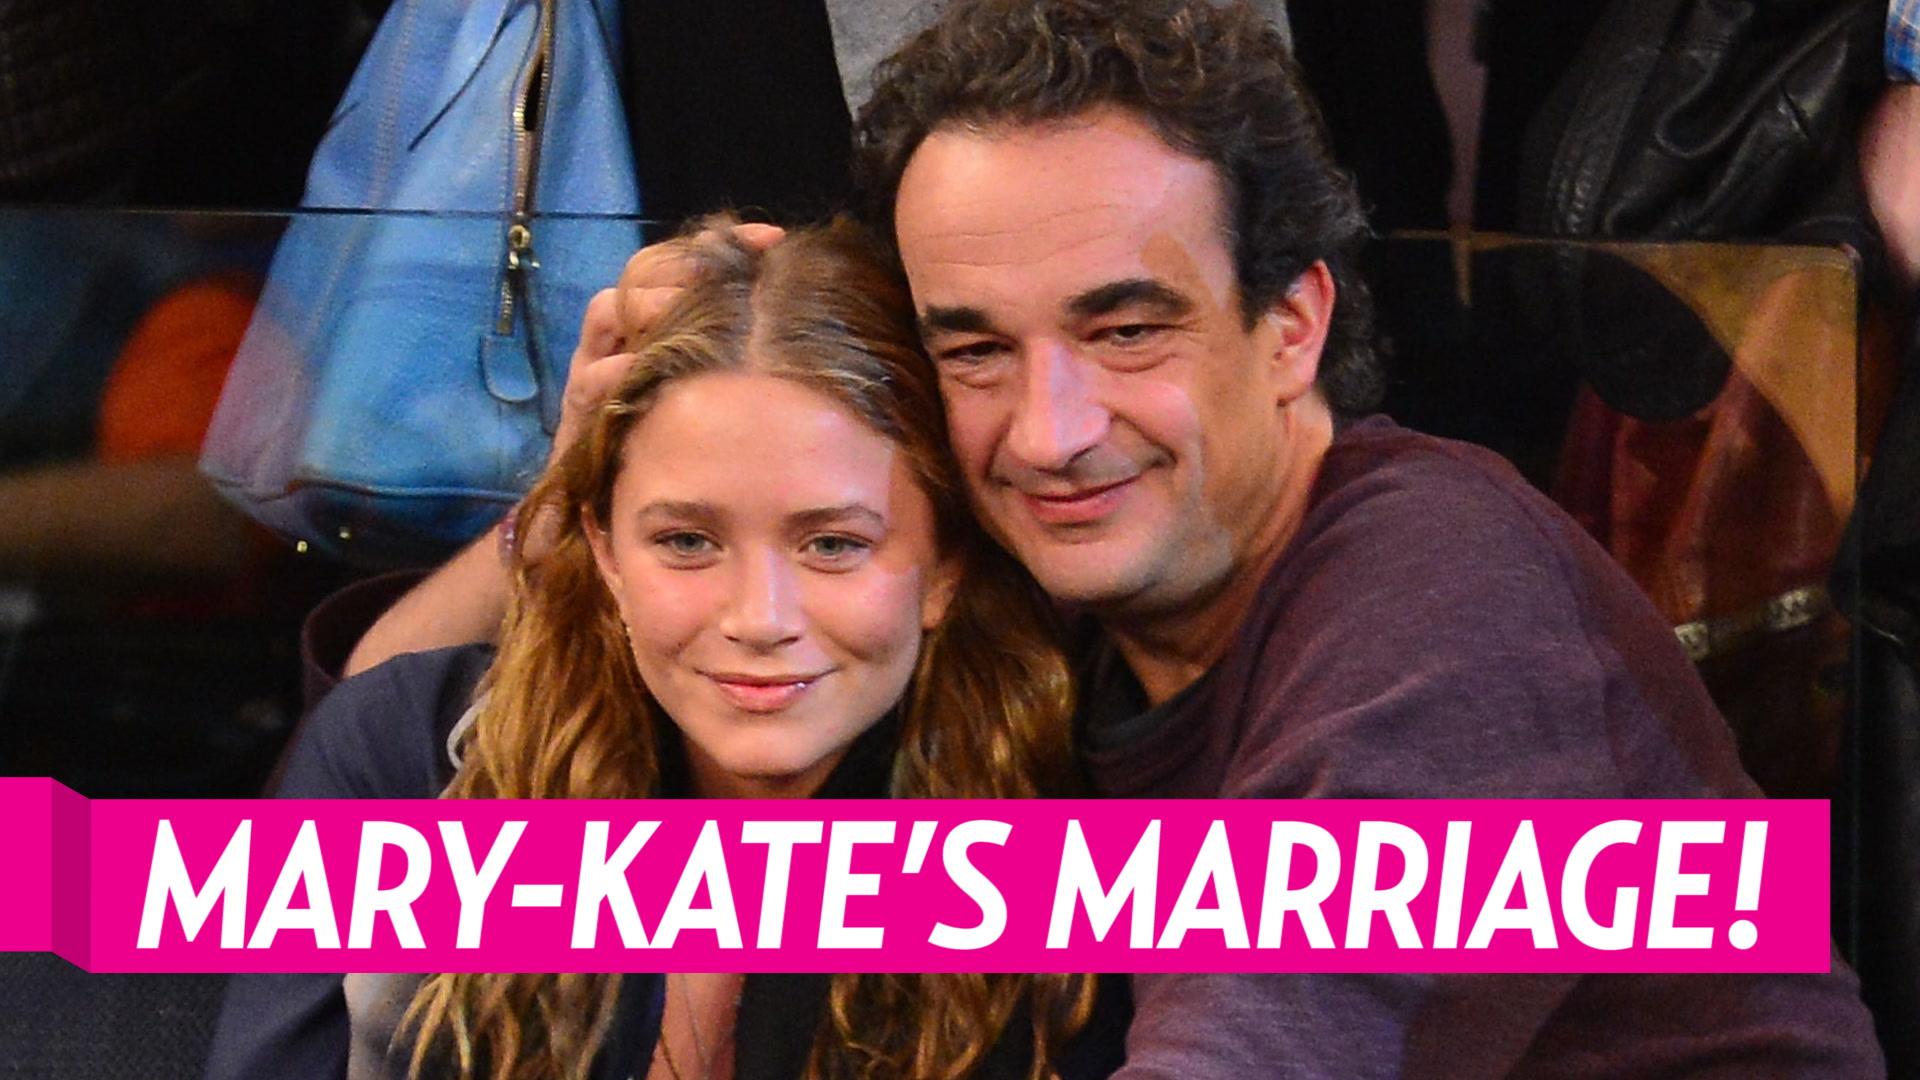 Mary Kate dating 2014 ventajas y desventajas del nopeus dating